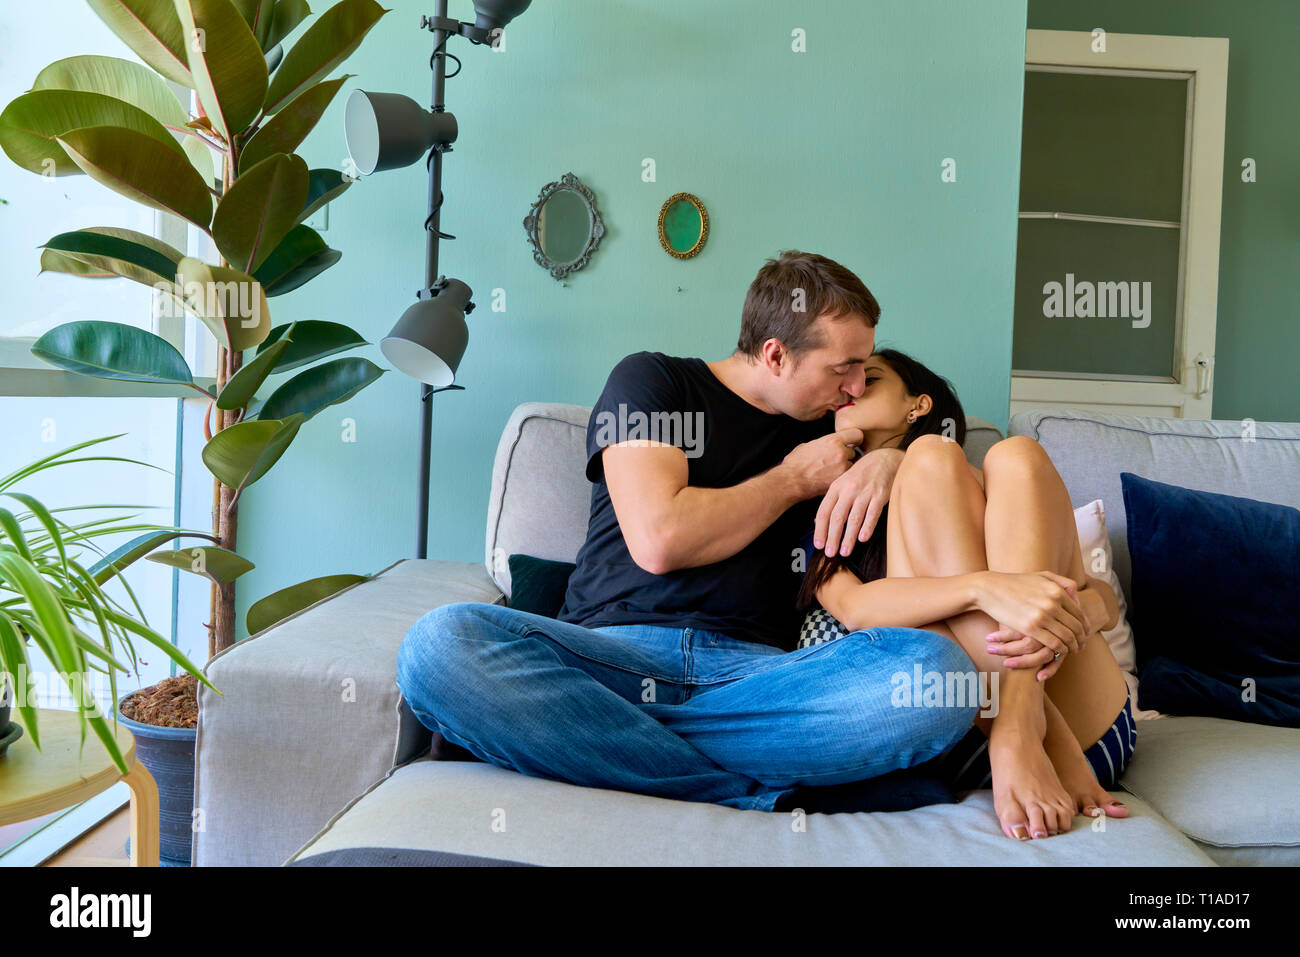 Pareja besándose en el sofá en casa Foto & Imagen De Stock ...